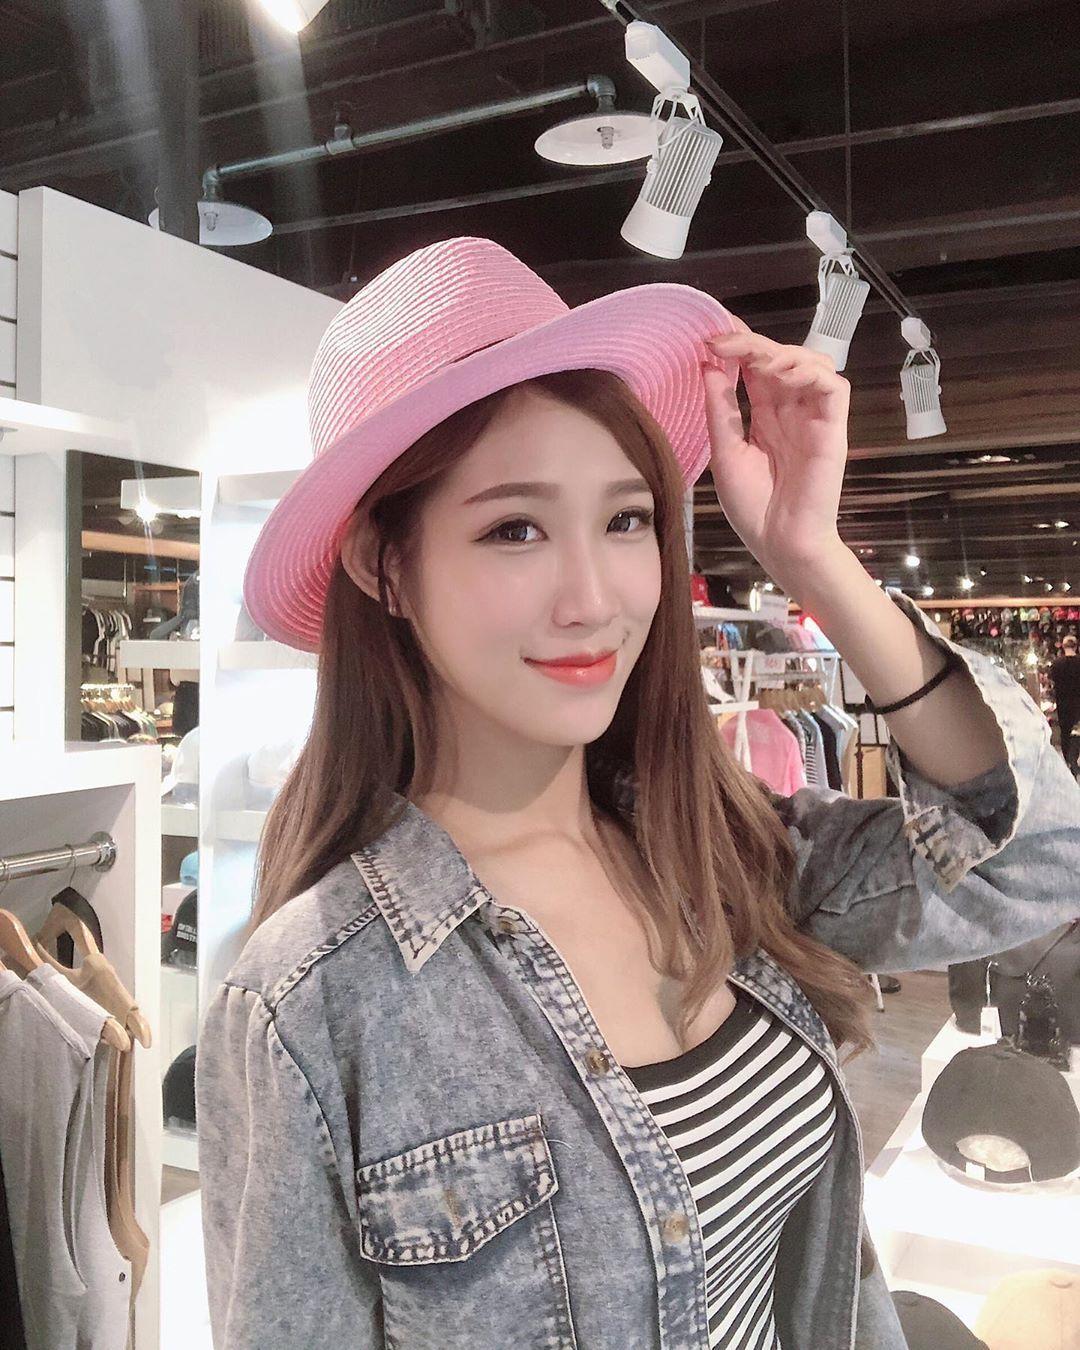 [网络正妹]甜美小护士罗熙-Rolle 颜值惊为天人!-有意思吧